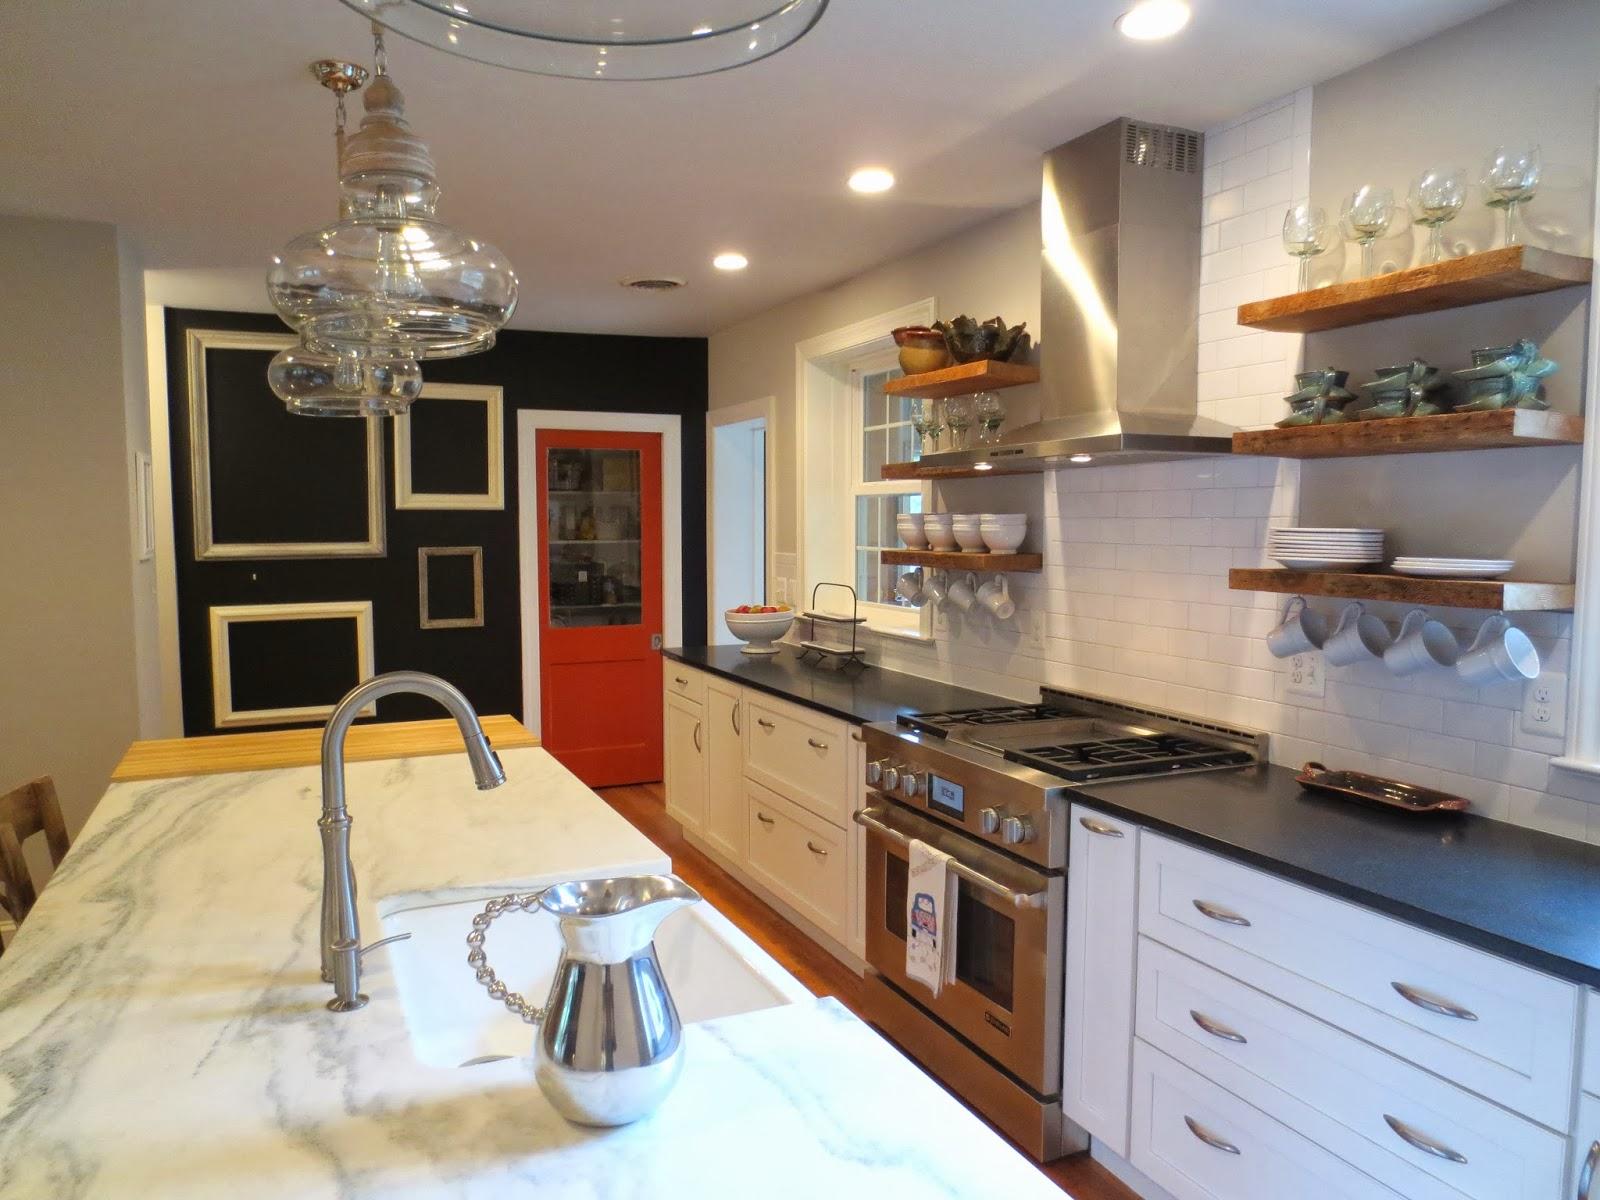 row house refuge timeless kitchen design part 1. Black Bedroom Furniture Sets. Home Design Ideas